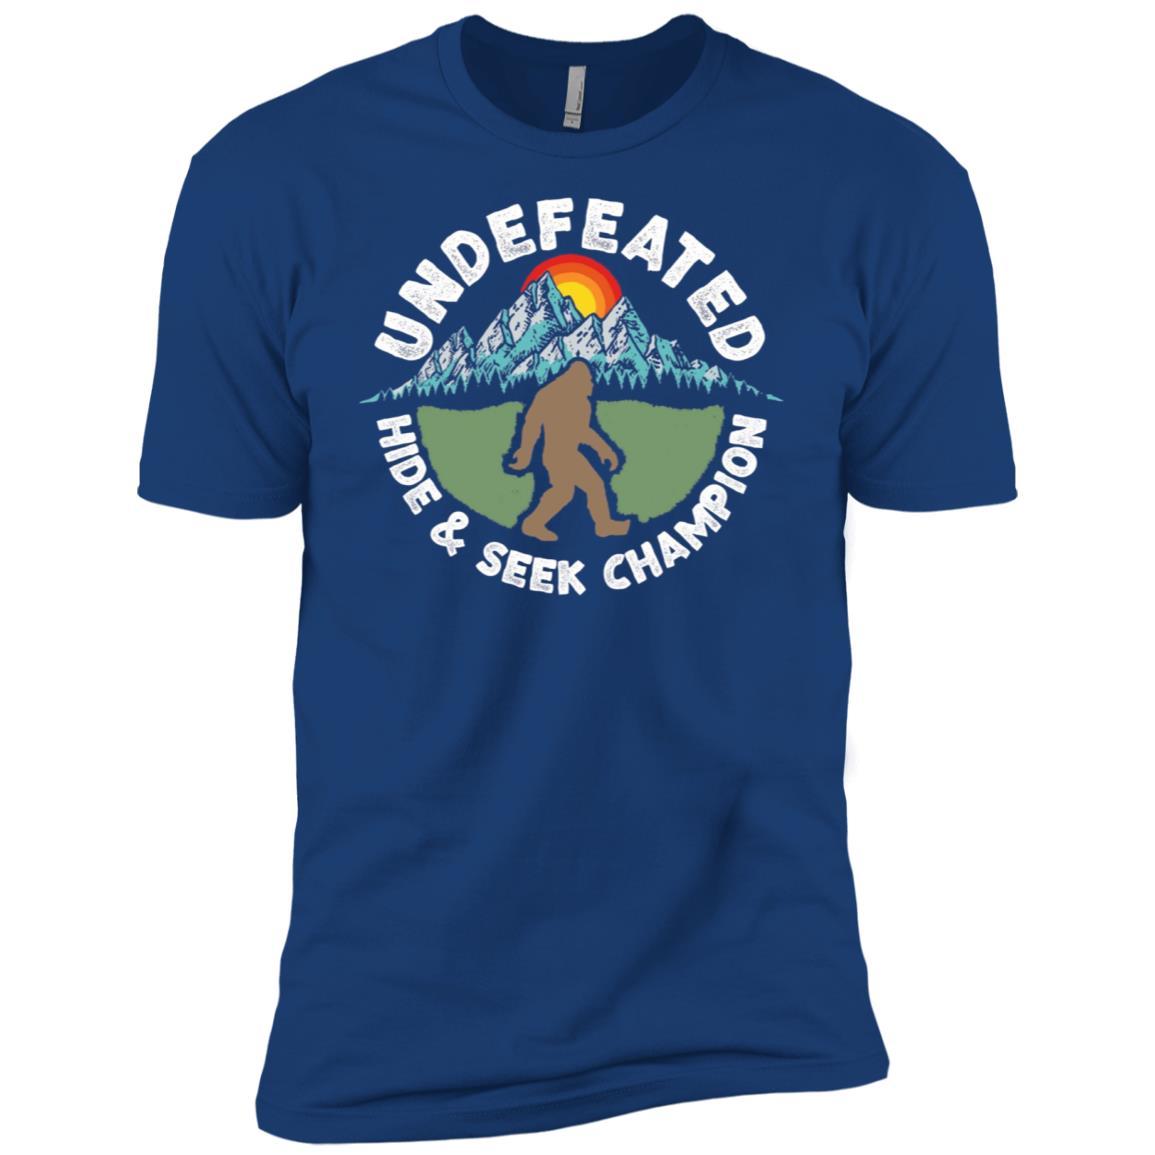 Vintage Hide & Seek Champ Funny Bigfoot Men Short Sleeve T-Shirt